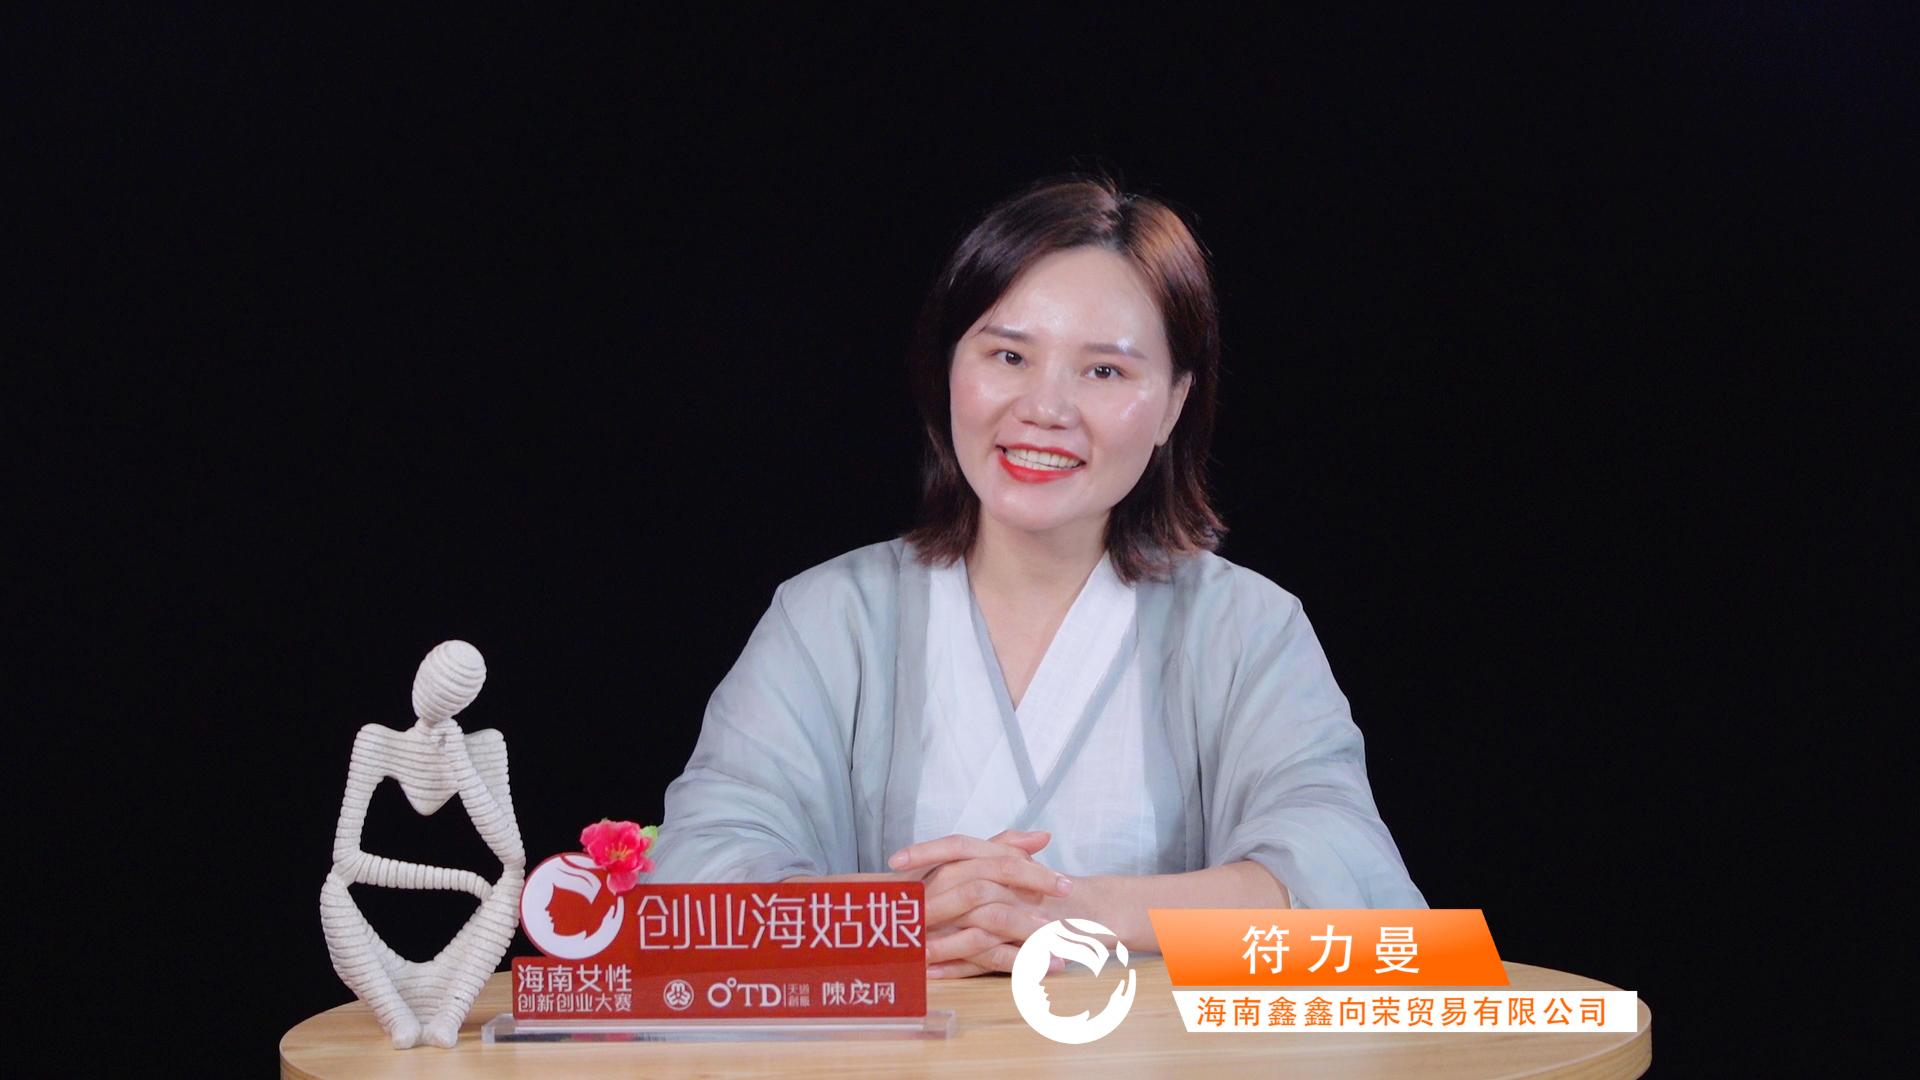 """创业海姑娘 鑫鑫向荣符力曼,传承""""哩哩美""""海洋味道"""